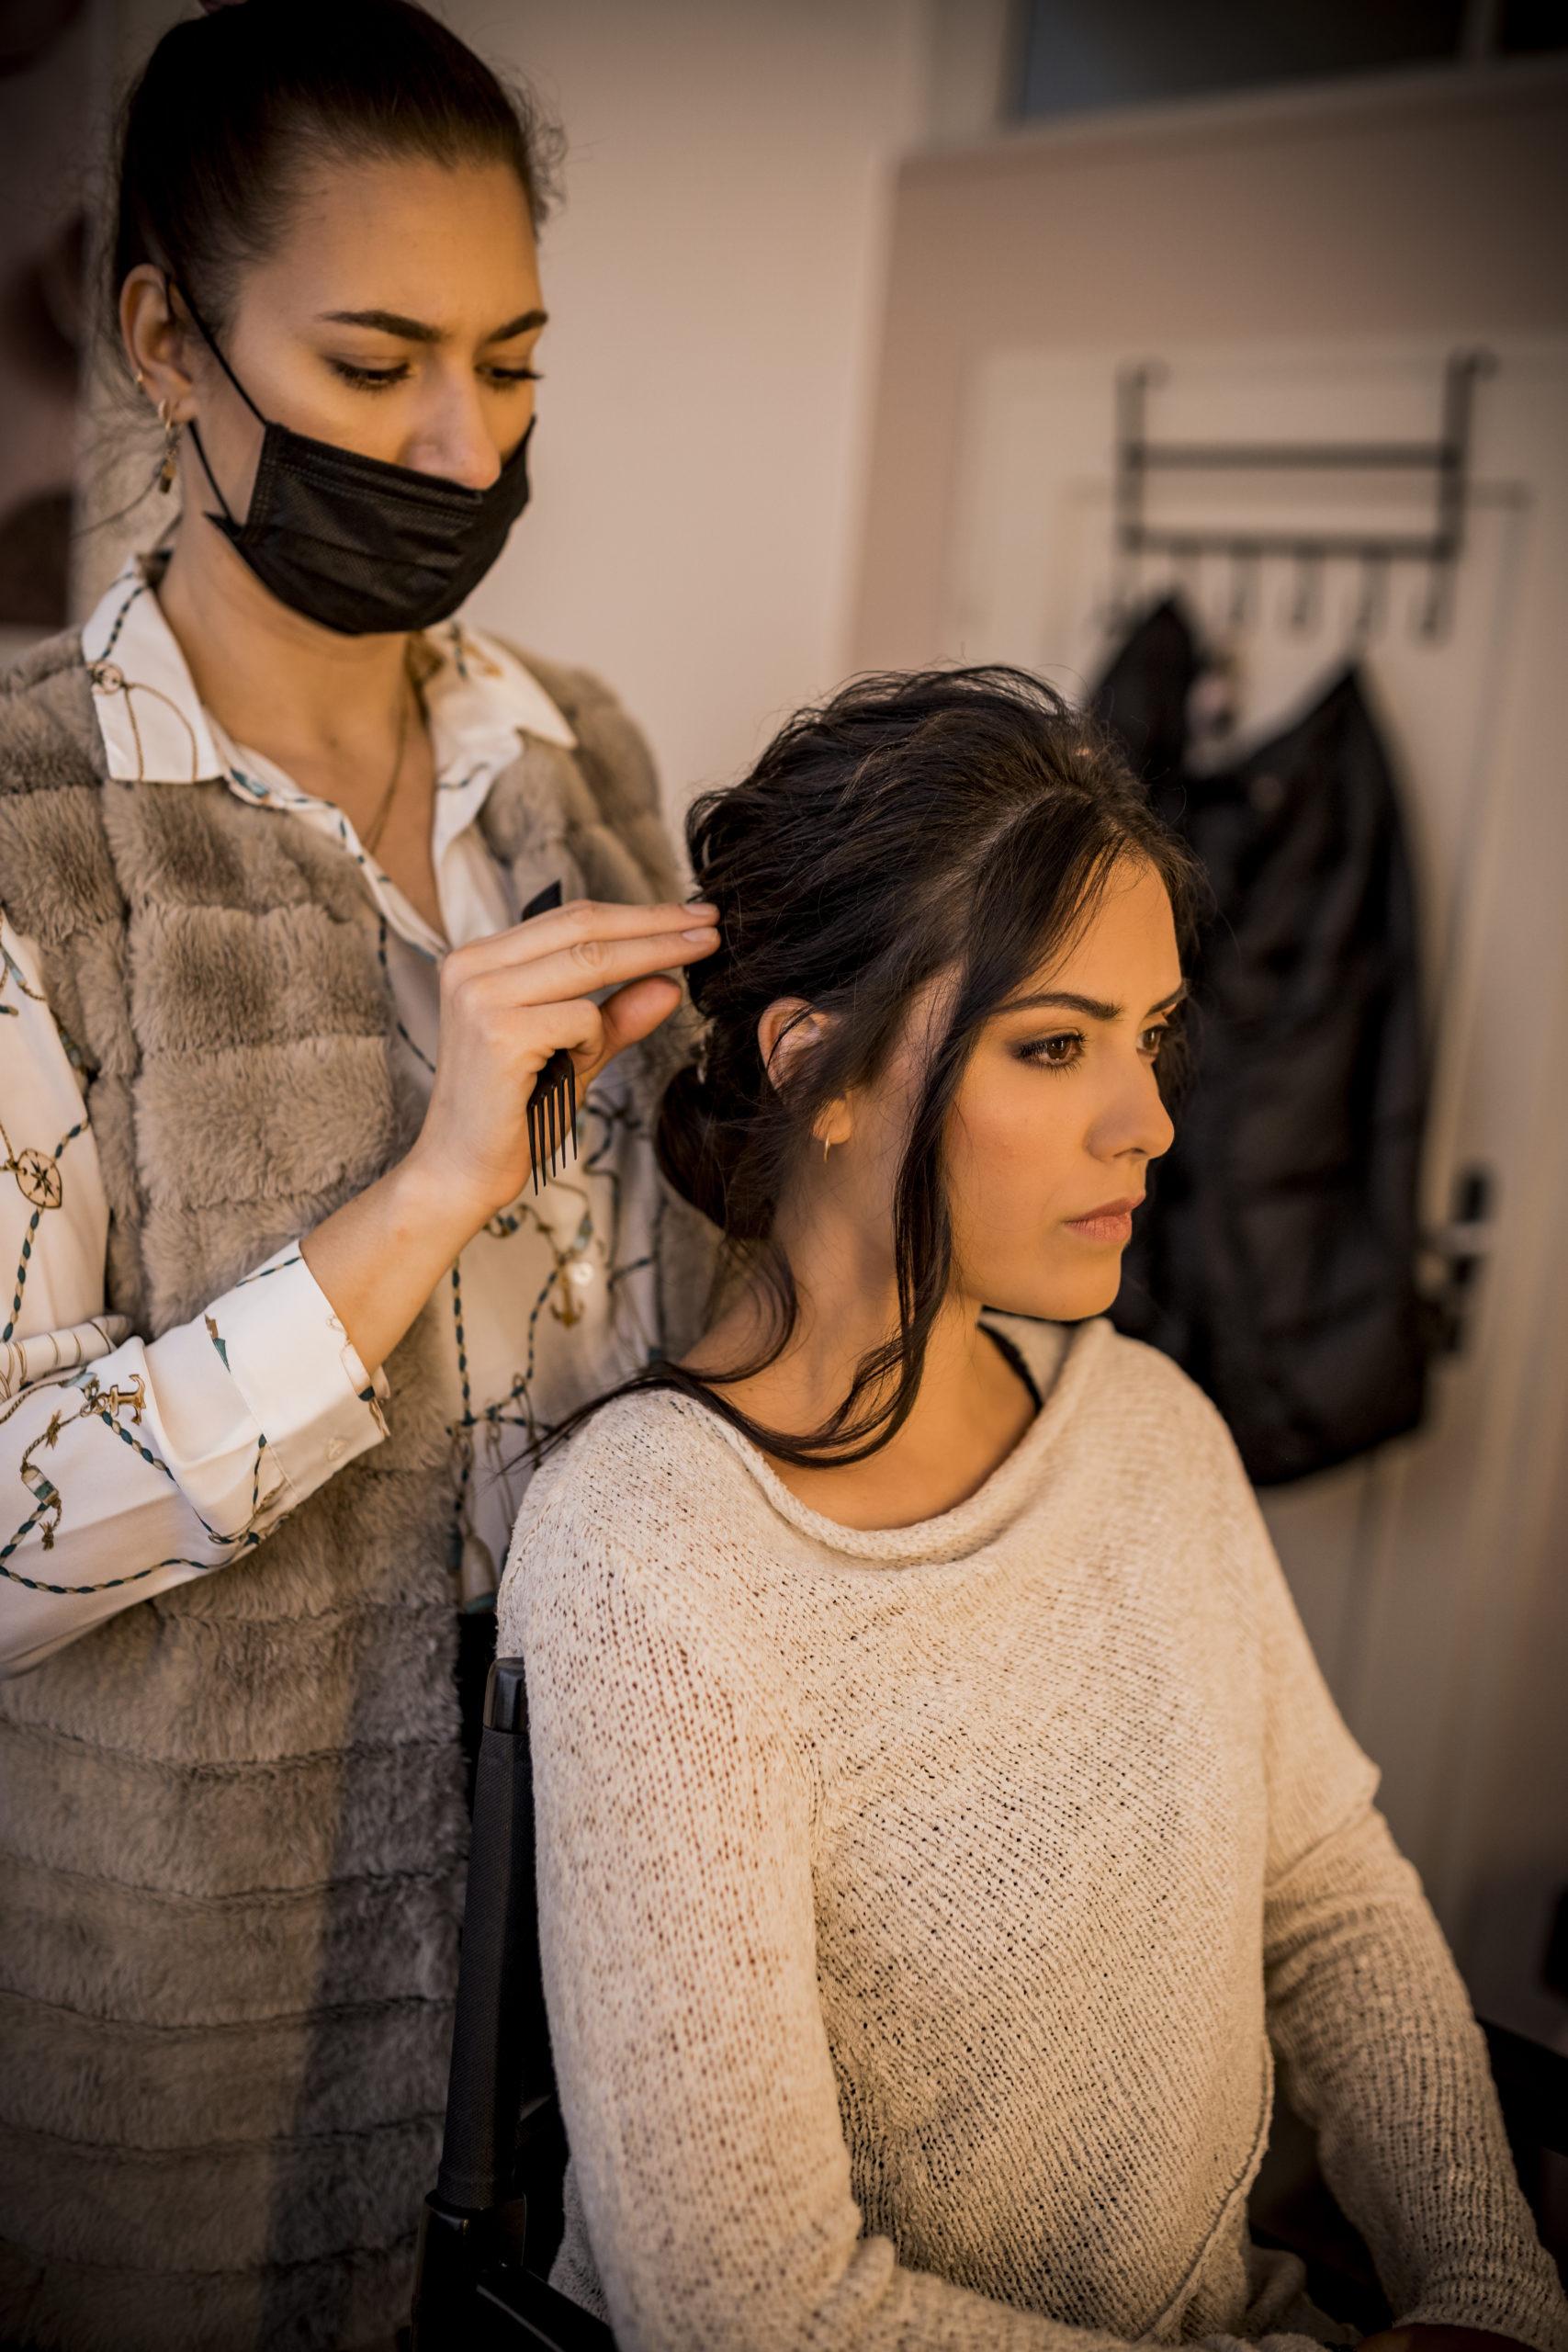 noni Brautmode, Styled Shoot, Getting Ready, Model am Schminktisch, Stylistin mit Mundschutz frisiert Model